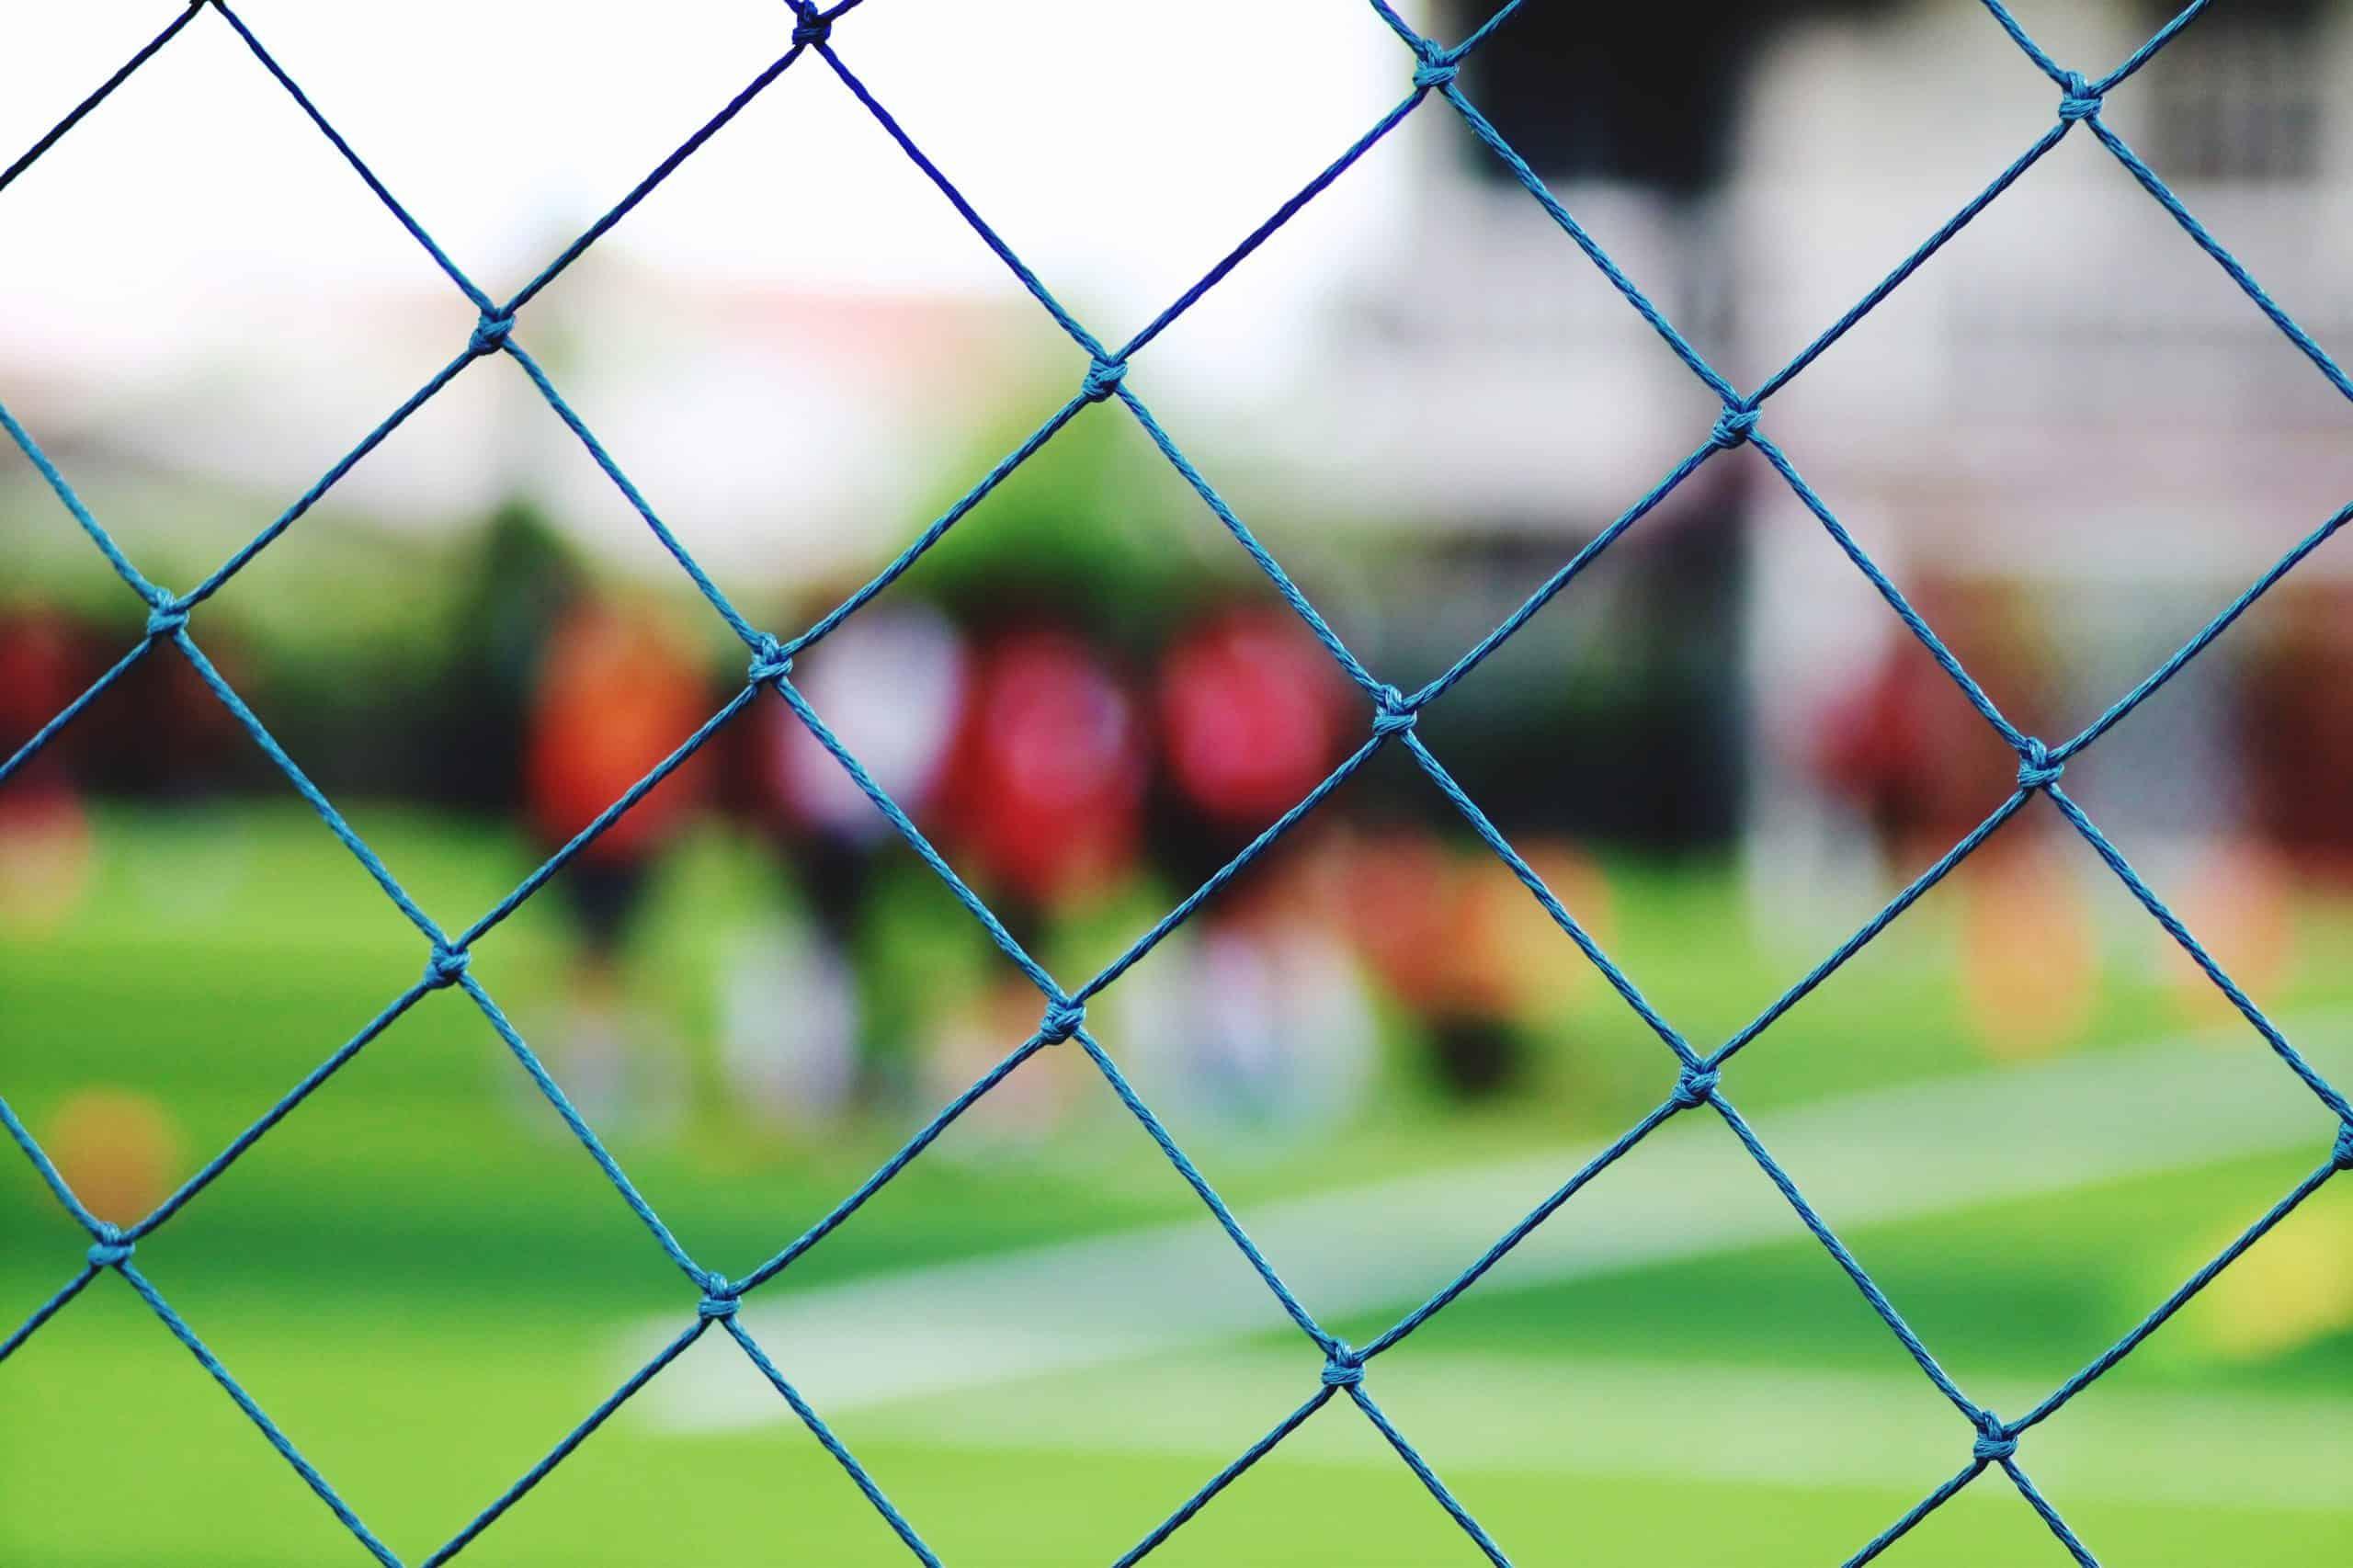 Ochronna siatka sportowa